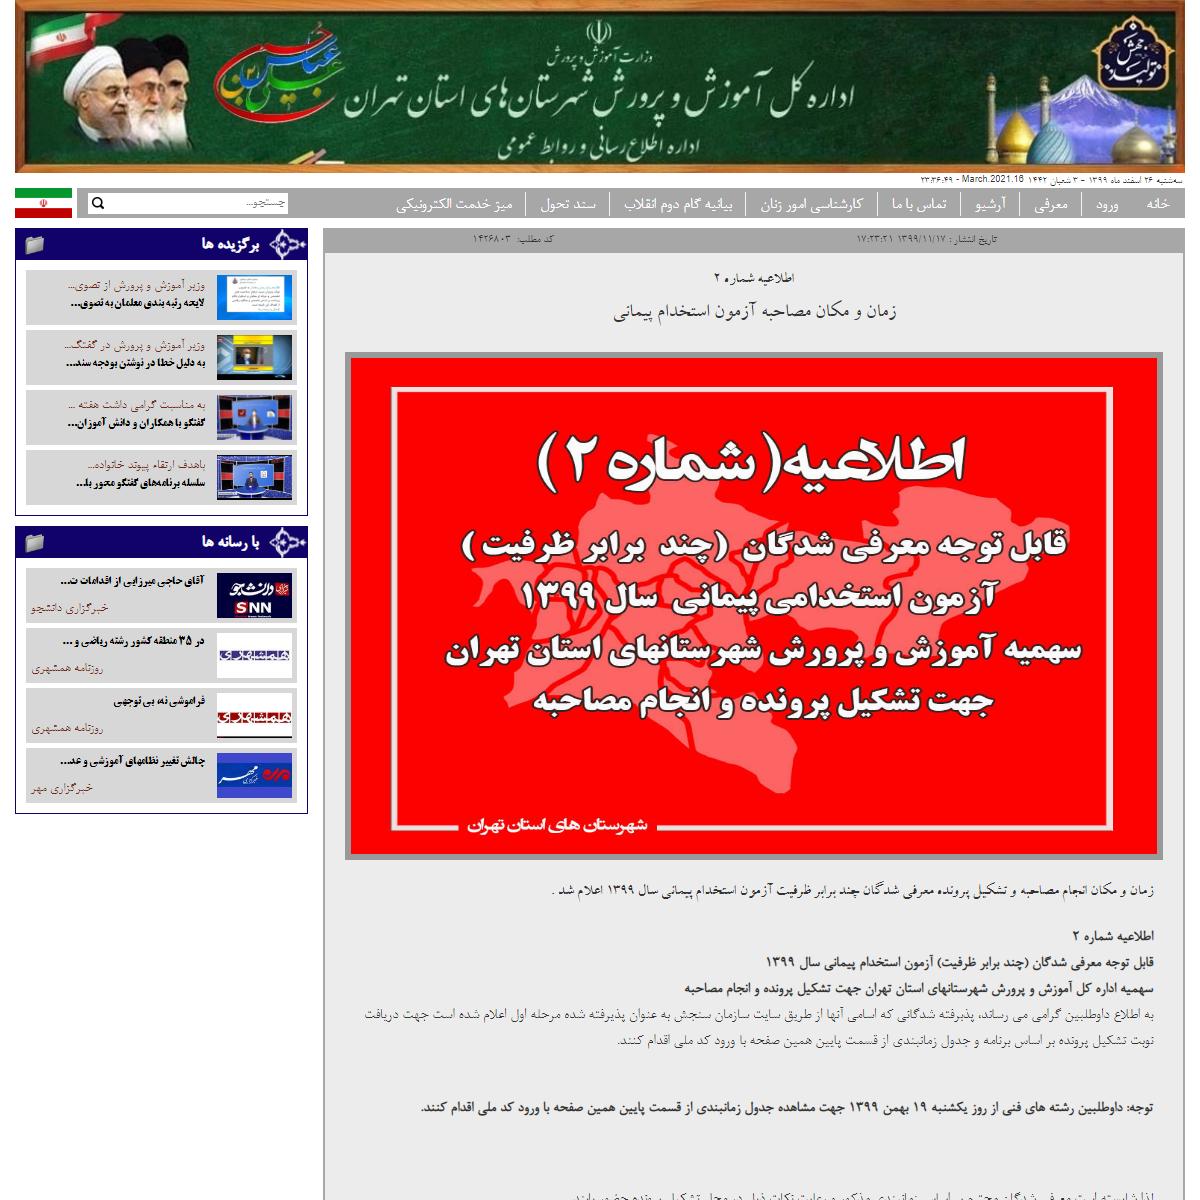 پورتال اداره كل اموزش و پرورش شهرستان هاي استان تهران